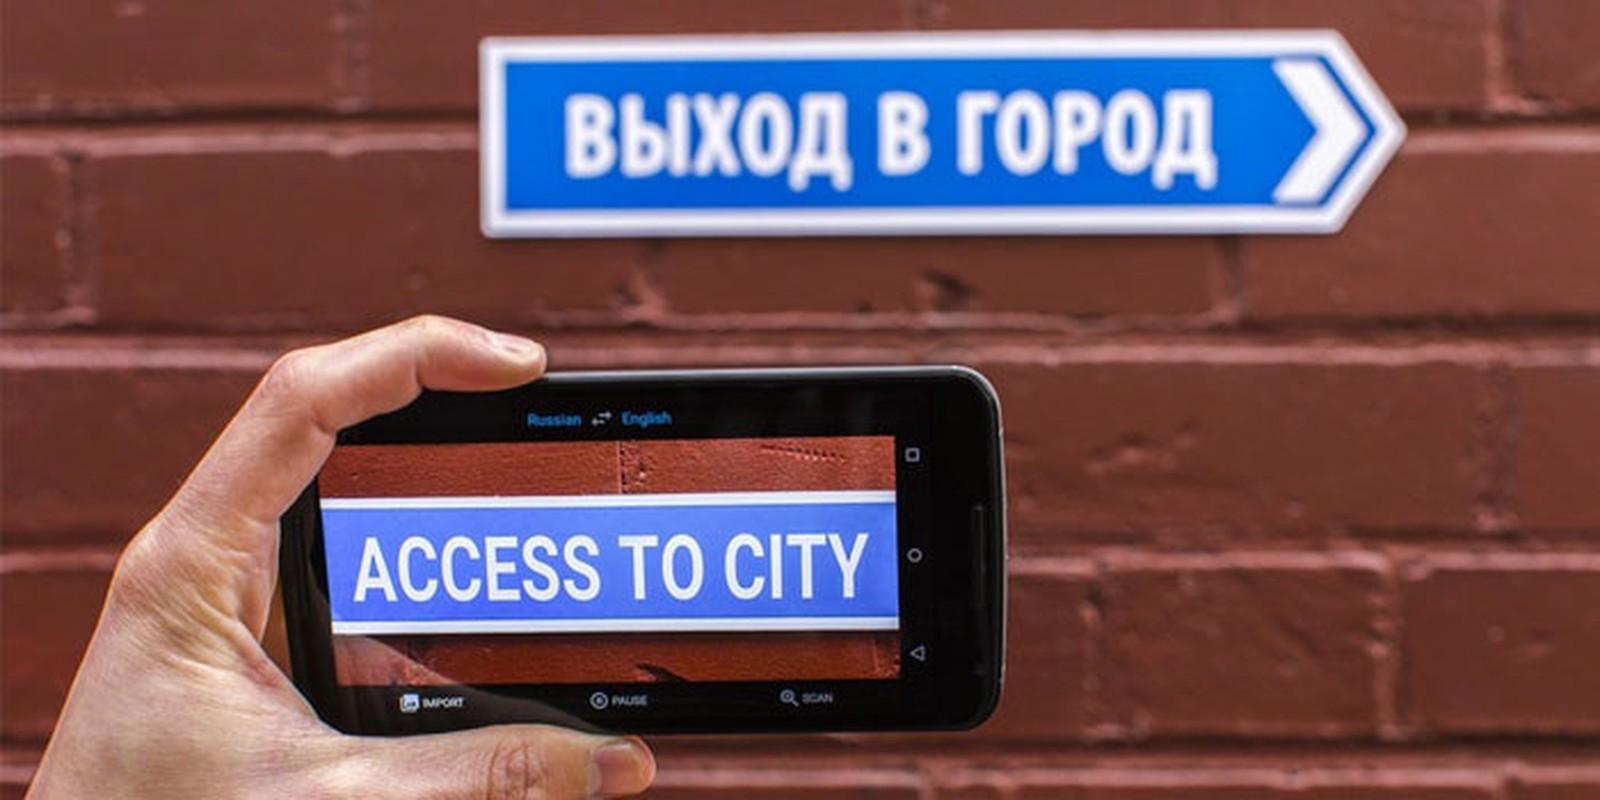 Bat ngo voi tac dung cua camera tren smartphone-Hinh-4